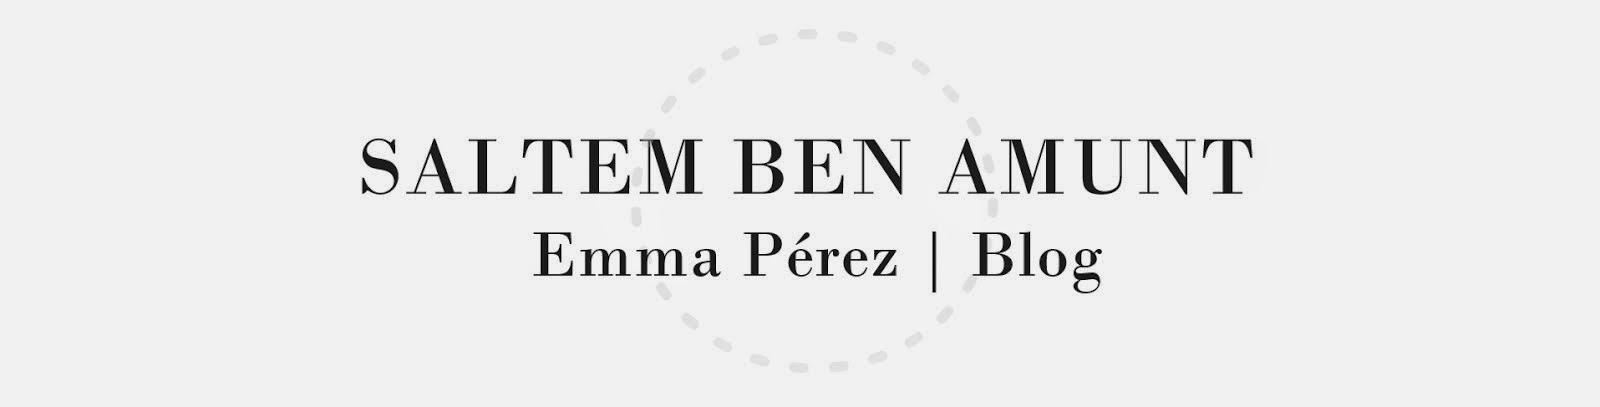 Saltem ben amunt | Emma Pérez Blog